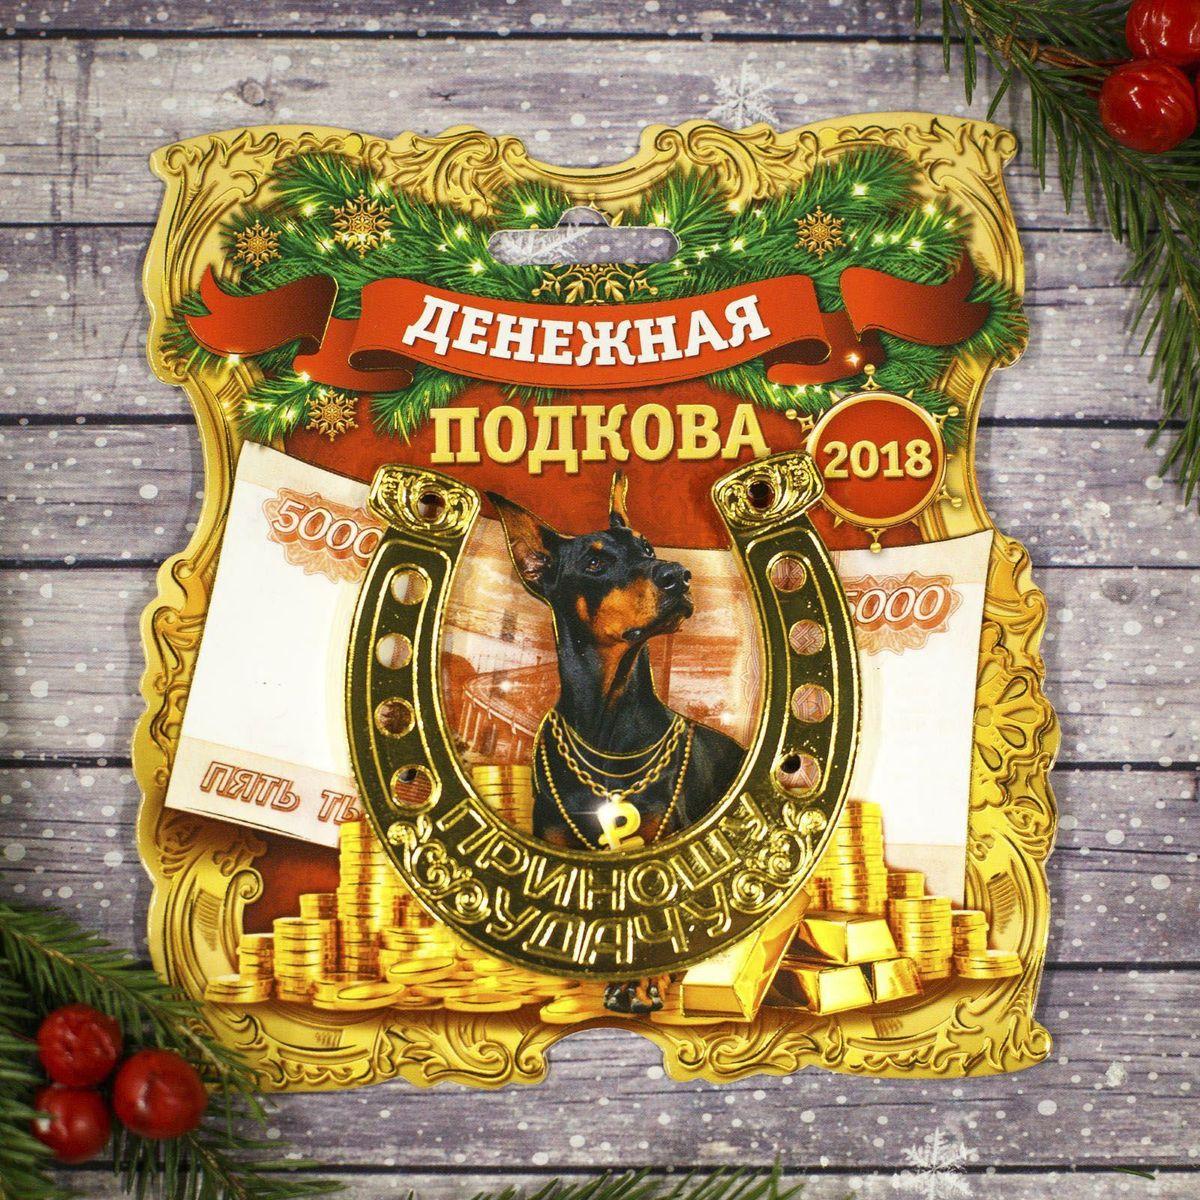 Подкова на подложке Sima-land Денежная подкова, цвет: желтый, 7 см2268610Приближаются самые добрые и долгожданные праздники — Новый год и Рождество. Подкова Sima-land - это чудесный сувенир, способный привлечь счастье, успех и достаток, стоит лишь расположить его на рабочем столе дома или в офисе! Или носить с собой в качестве оберега. Такой подарок прекрасно впишется в любой интерьер и станет отличным атрибутом праздника, а также станет отличным оберегом своего хозяина.